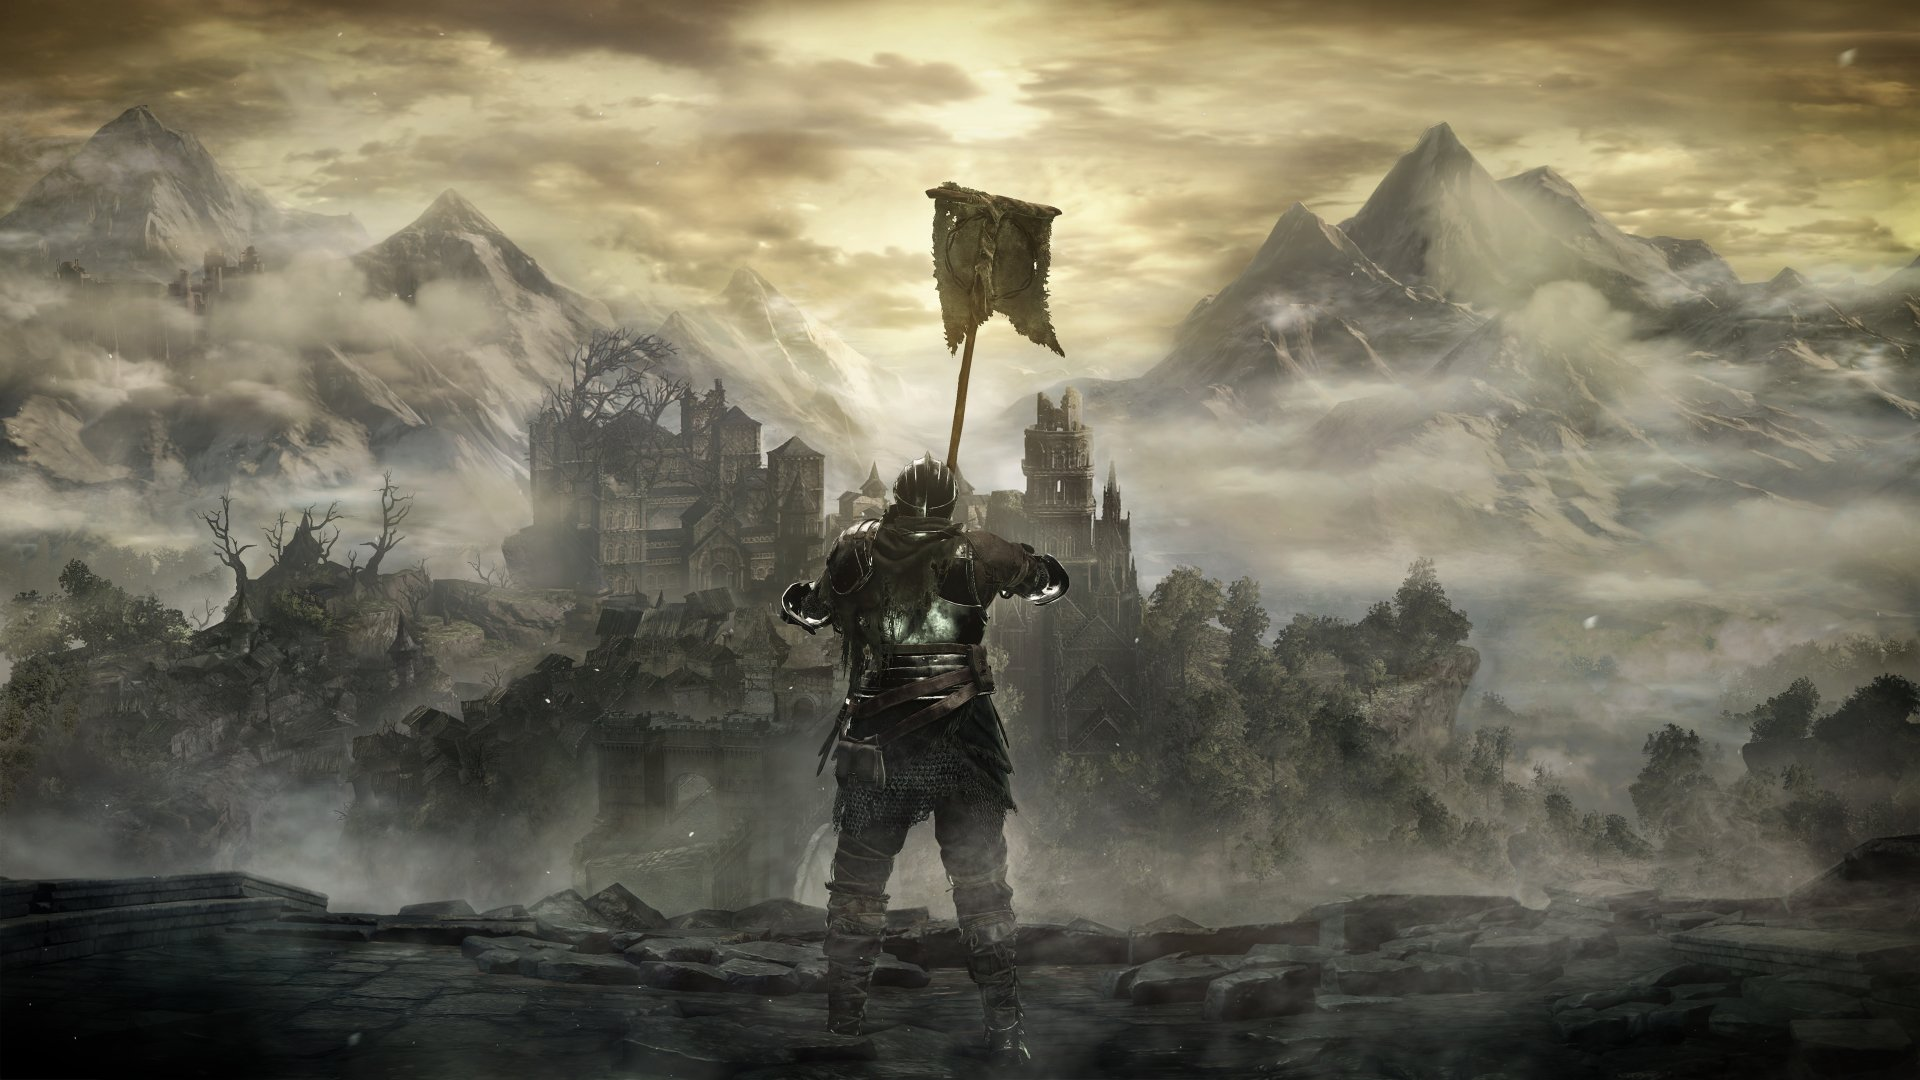 电子游戏 - 黑暗之魂3  骑士 Armor 山 城堡 风景 壁纸